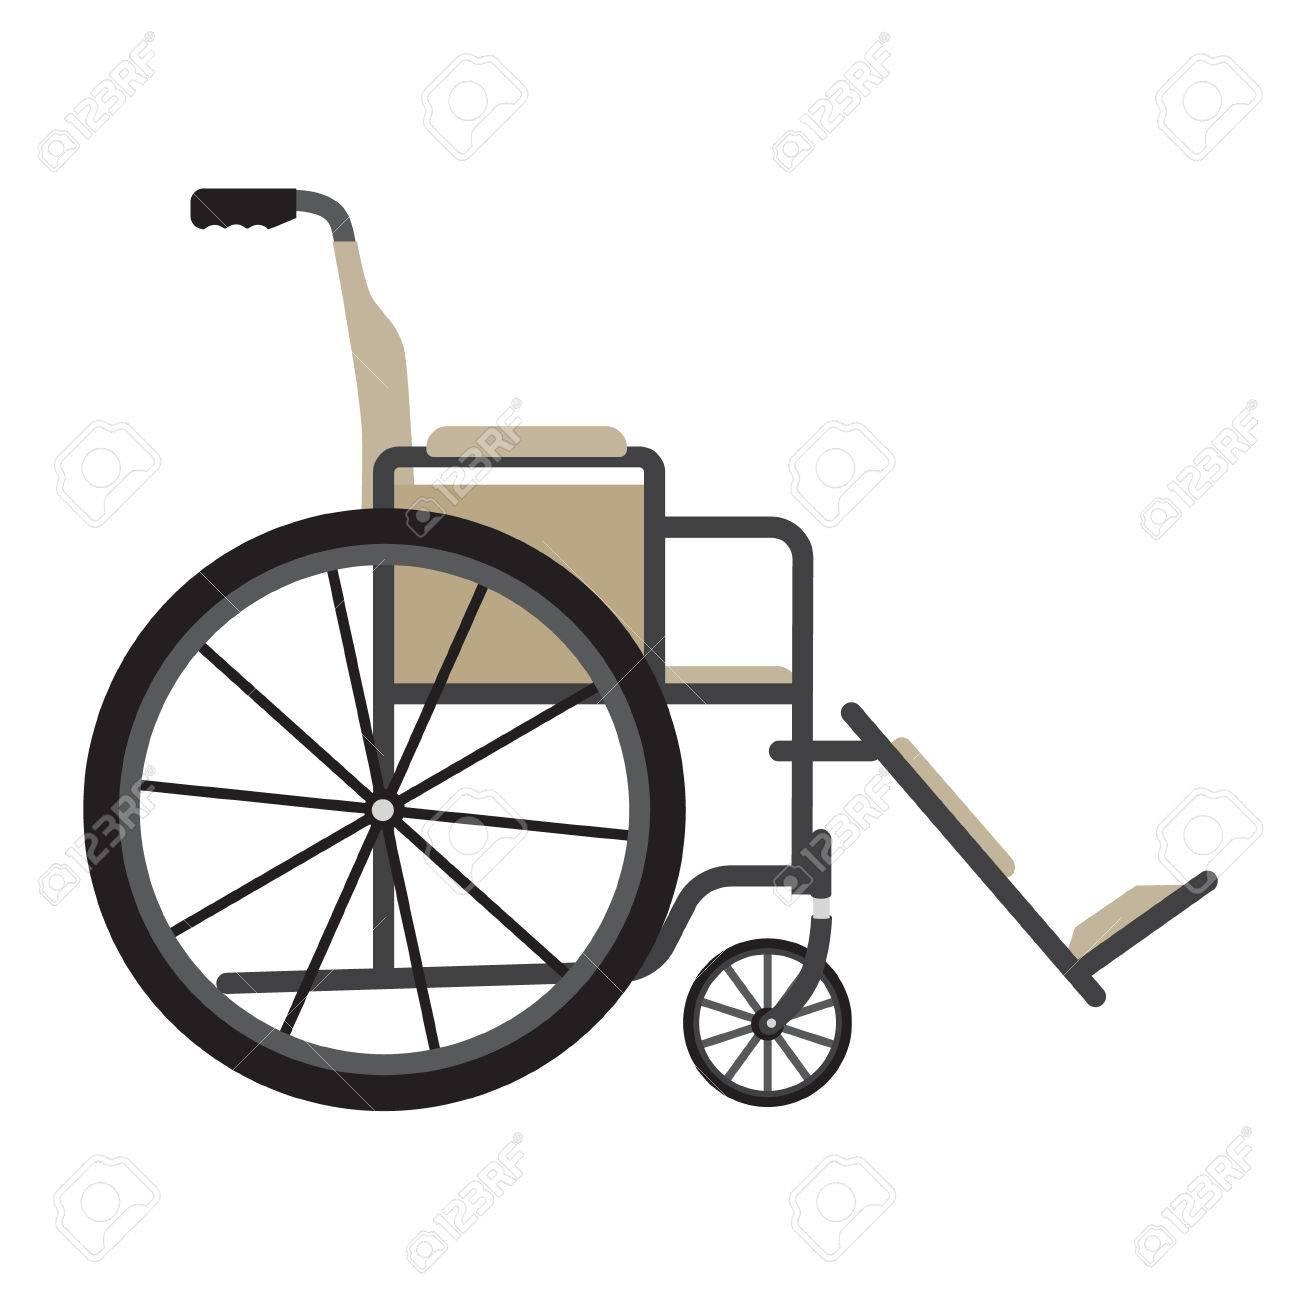 raster illustration fauteuil roulant pour personnes handicapees isole sur fond blanc icone de materiel medical handicap handicape